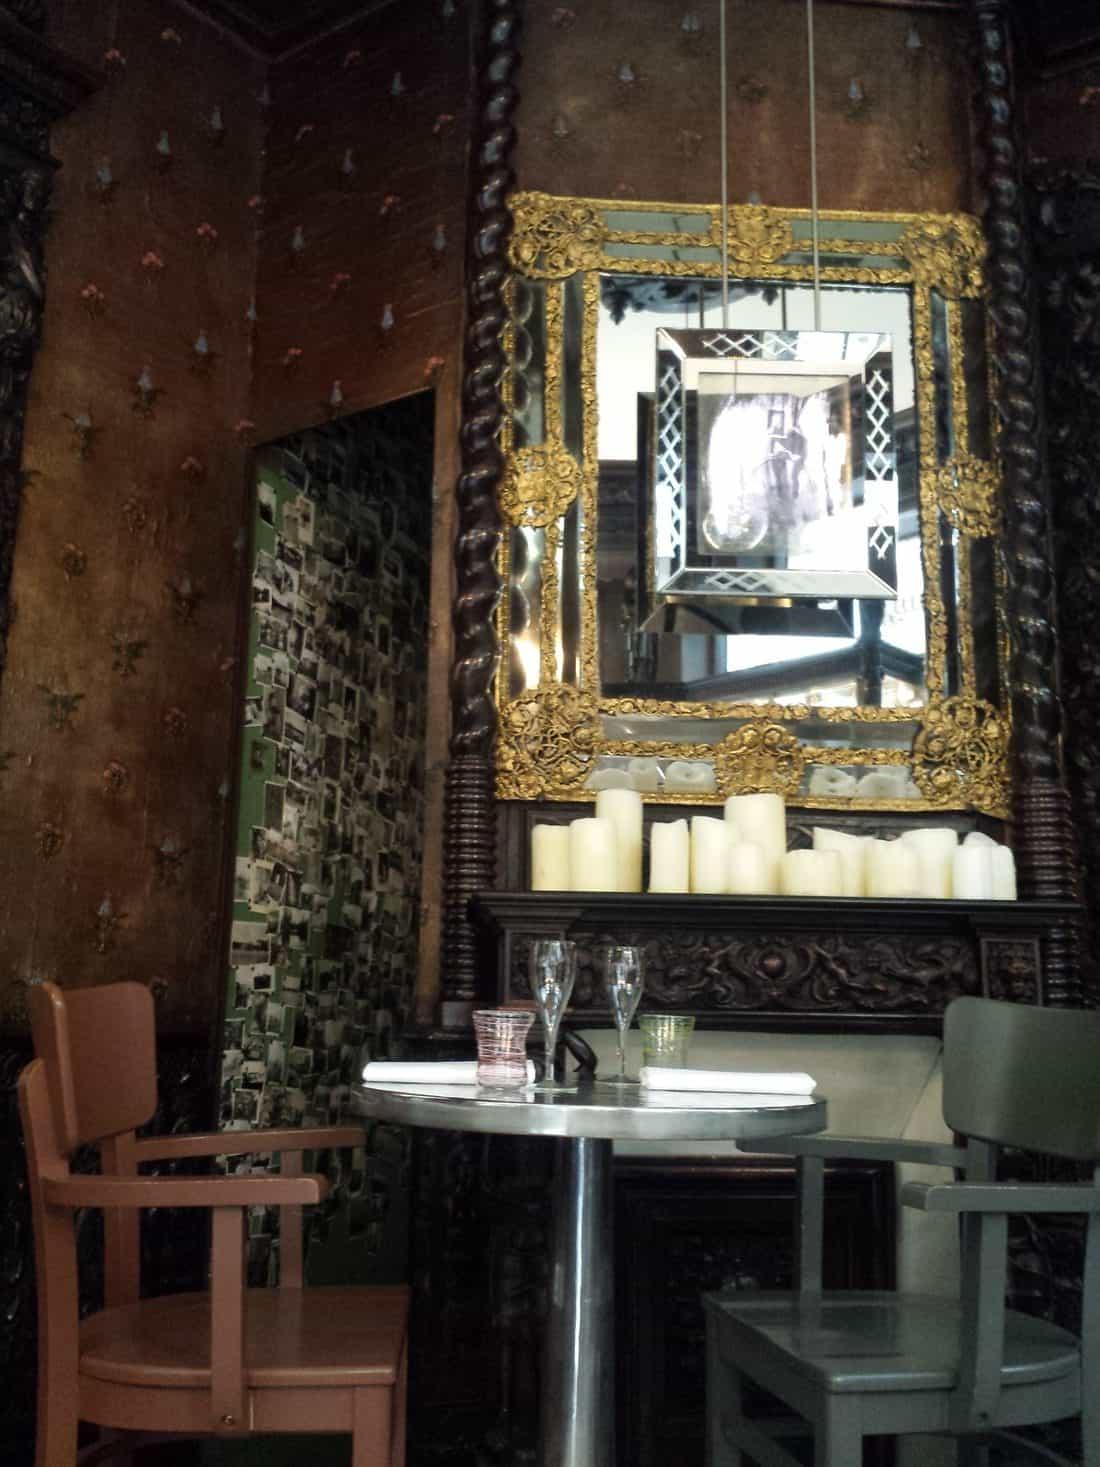 パリのイタリアンレストランカフェstern caffé(スターンカフェ)